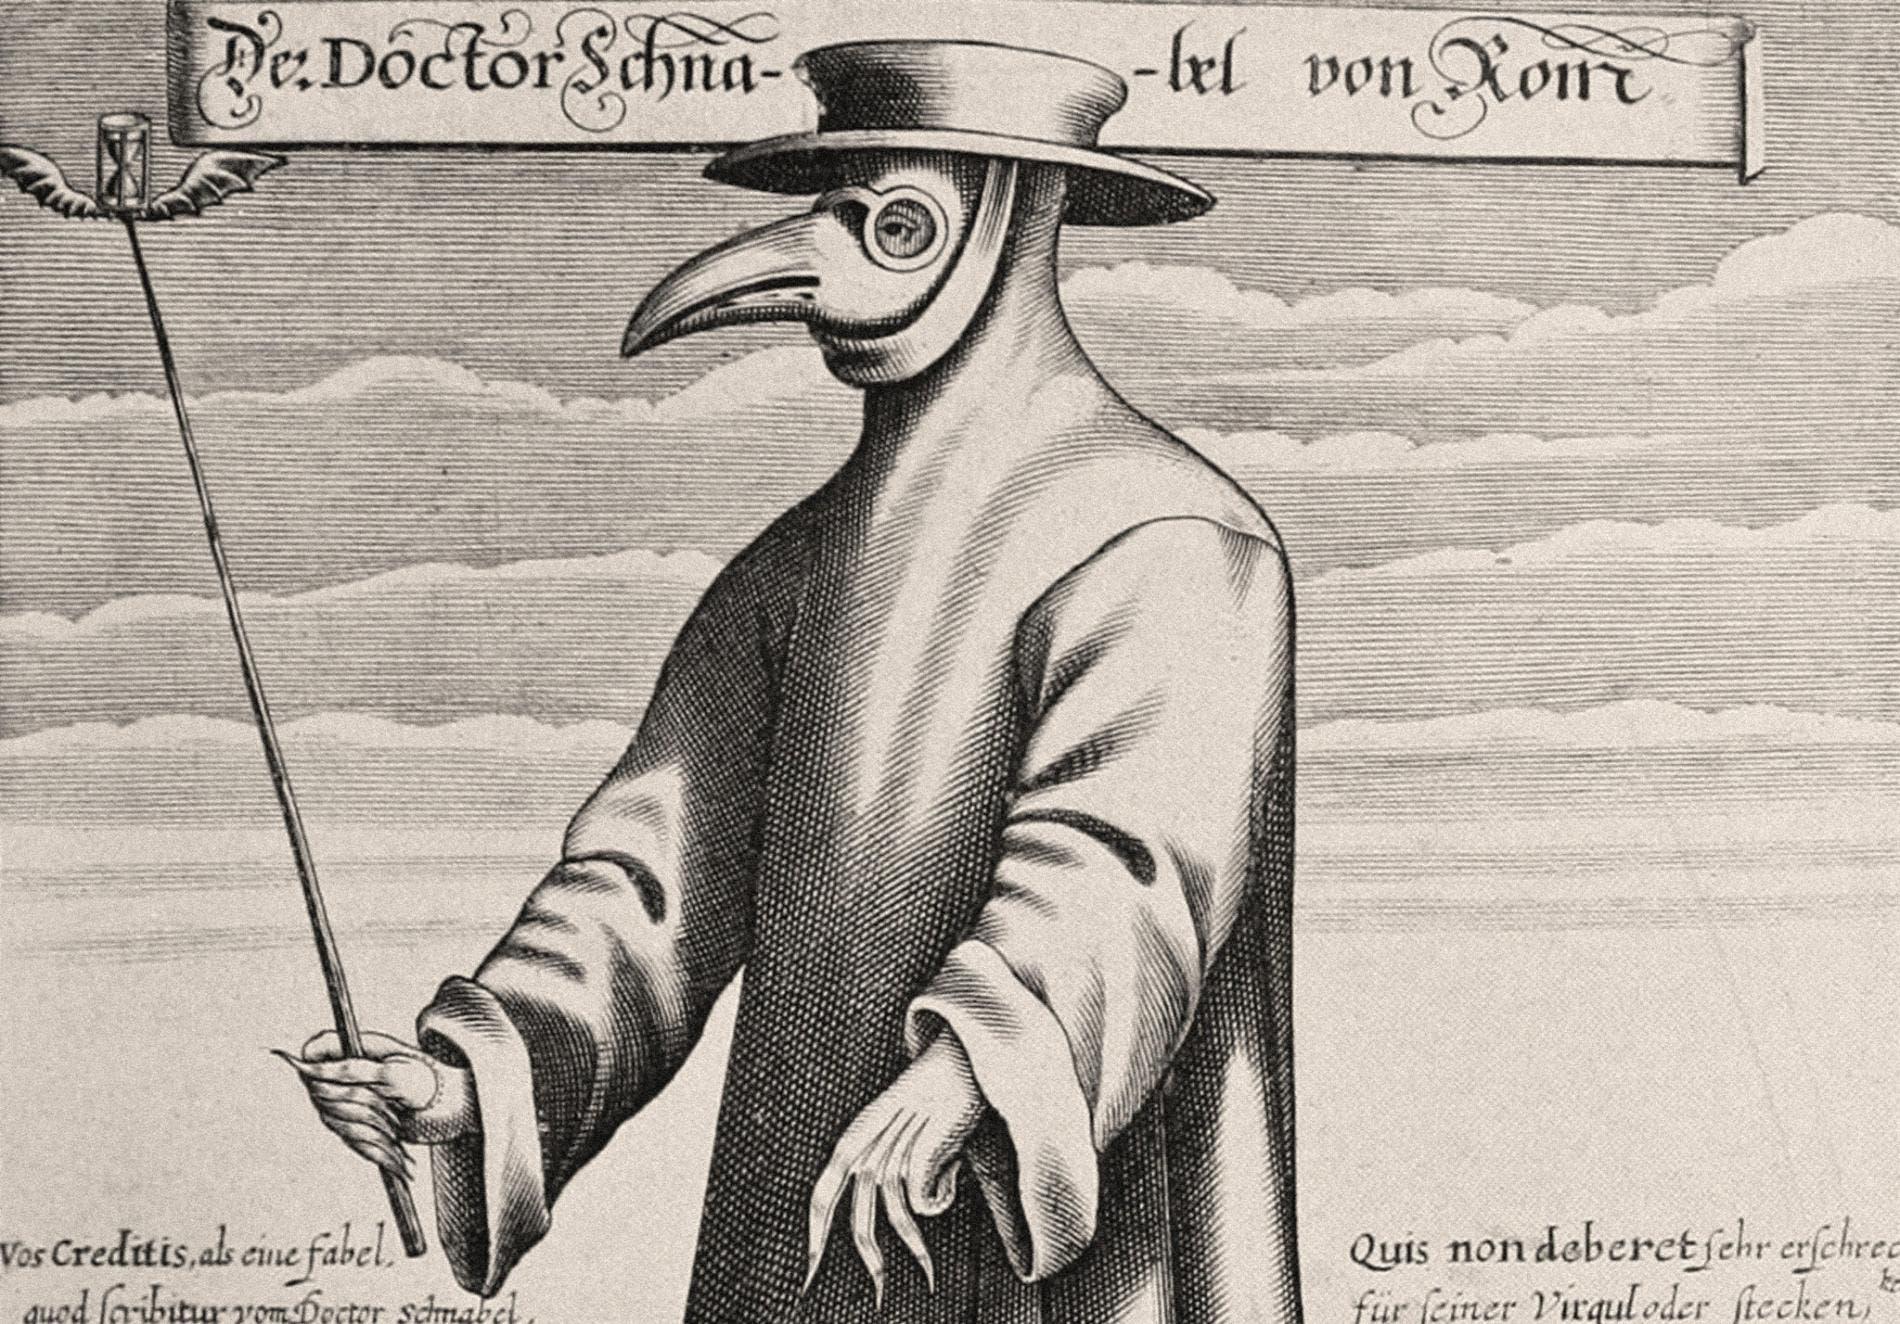 رسم تخيلي يجسد أحد الأطباء خلال فترة الطاعون